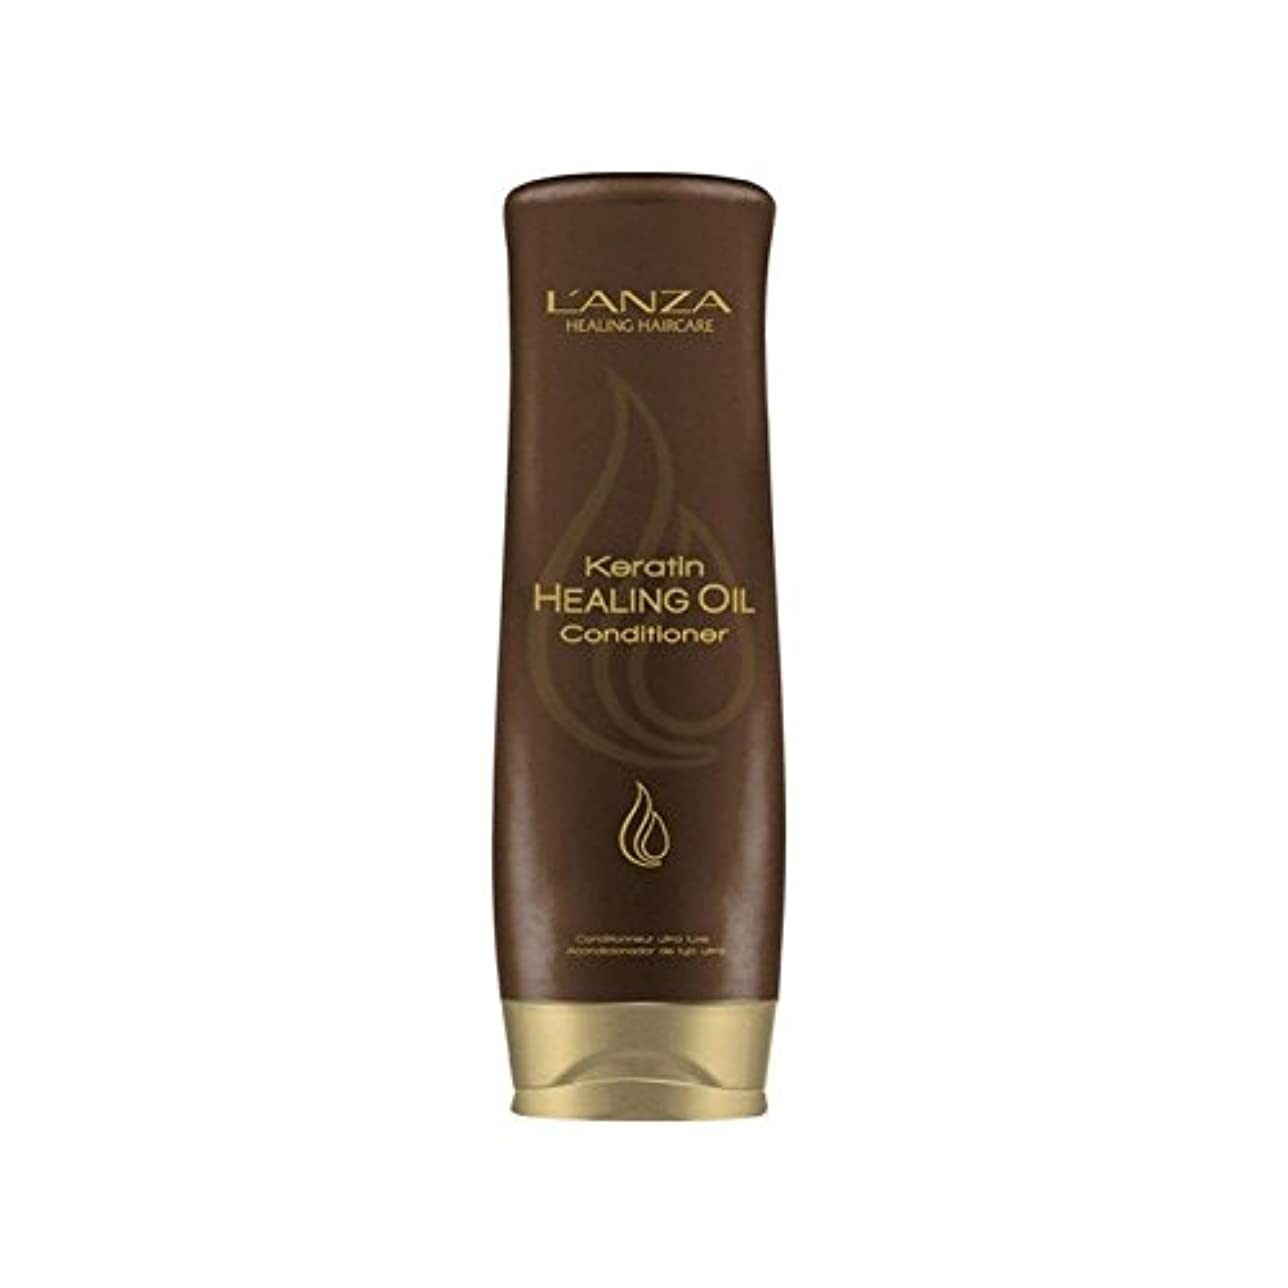 宣教師ホイップユーザーL'Anza Keratin Healing Oil Conditioner (250ml) - アンザケラチンオイルコンディショナー(250ミリリットル)を癒し [並行輸入品]